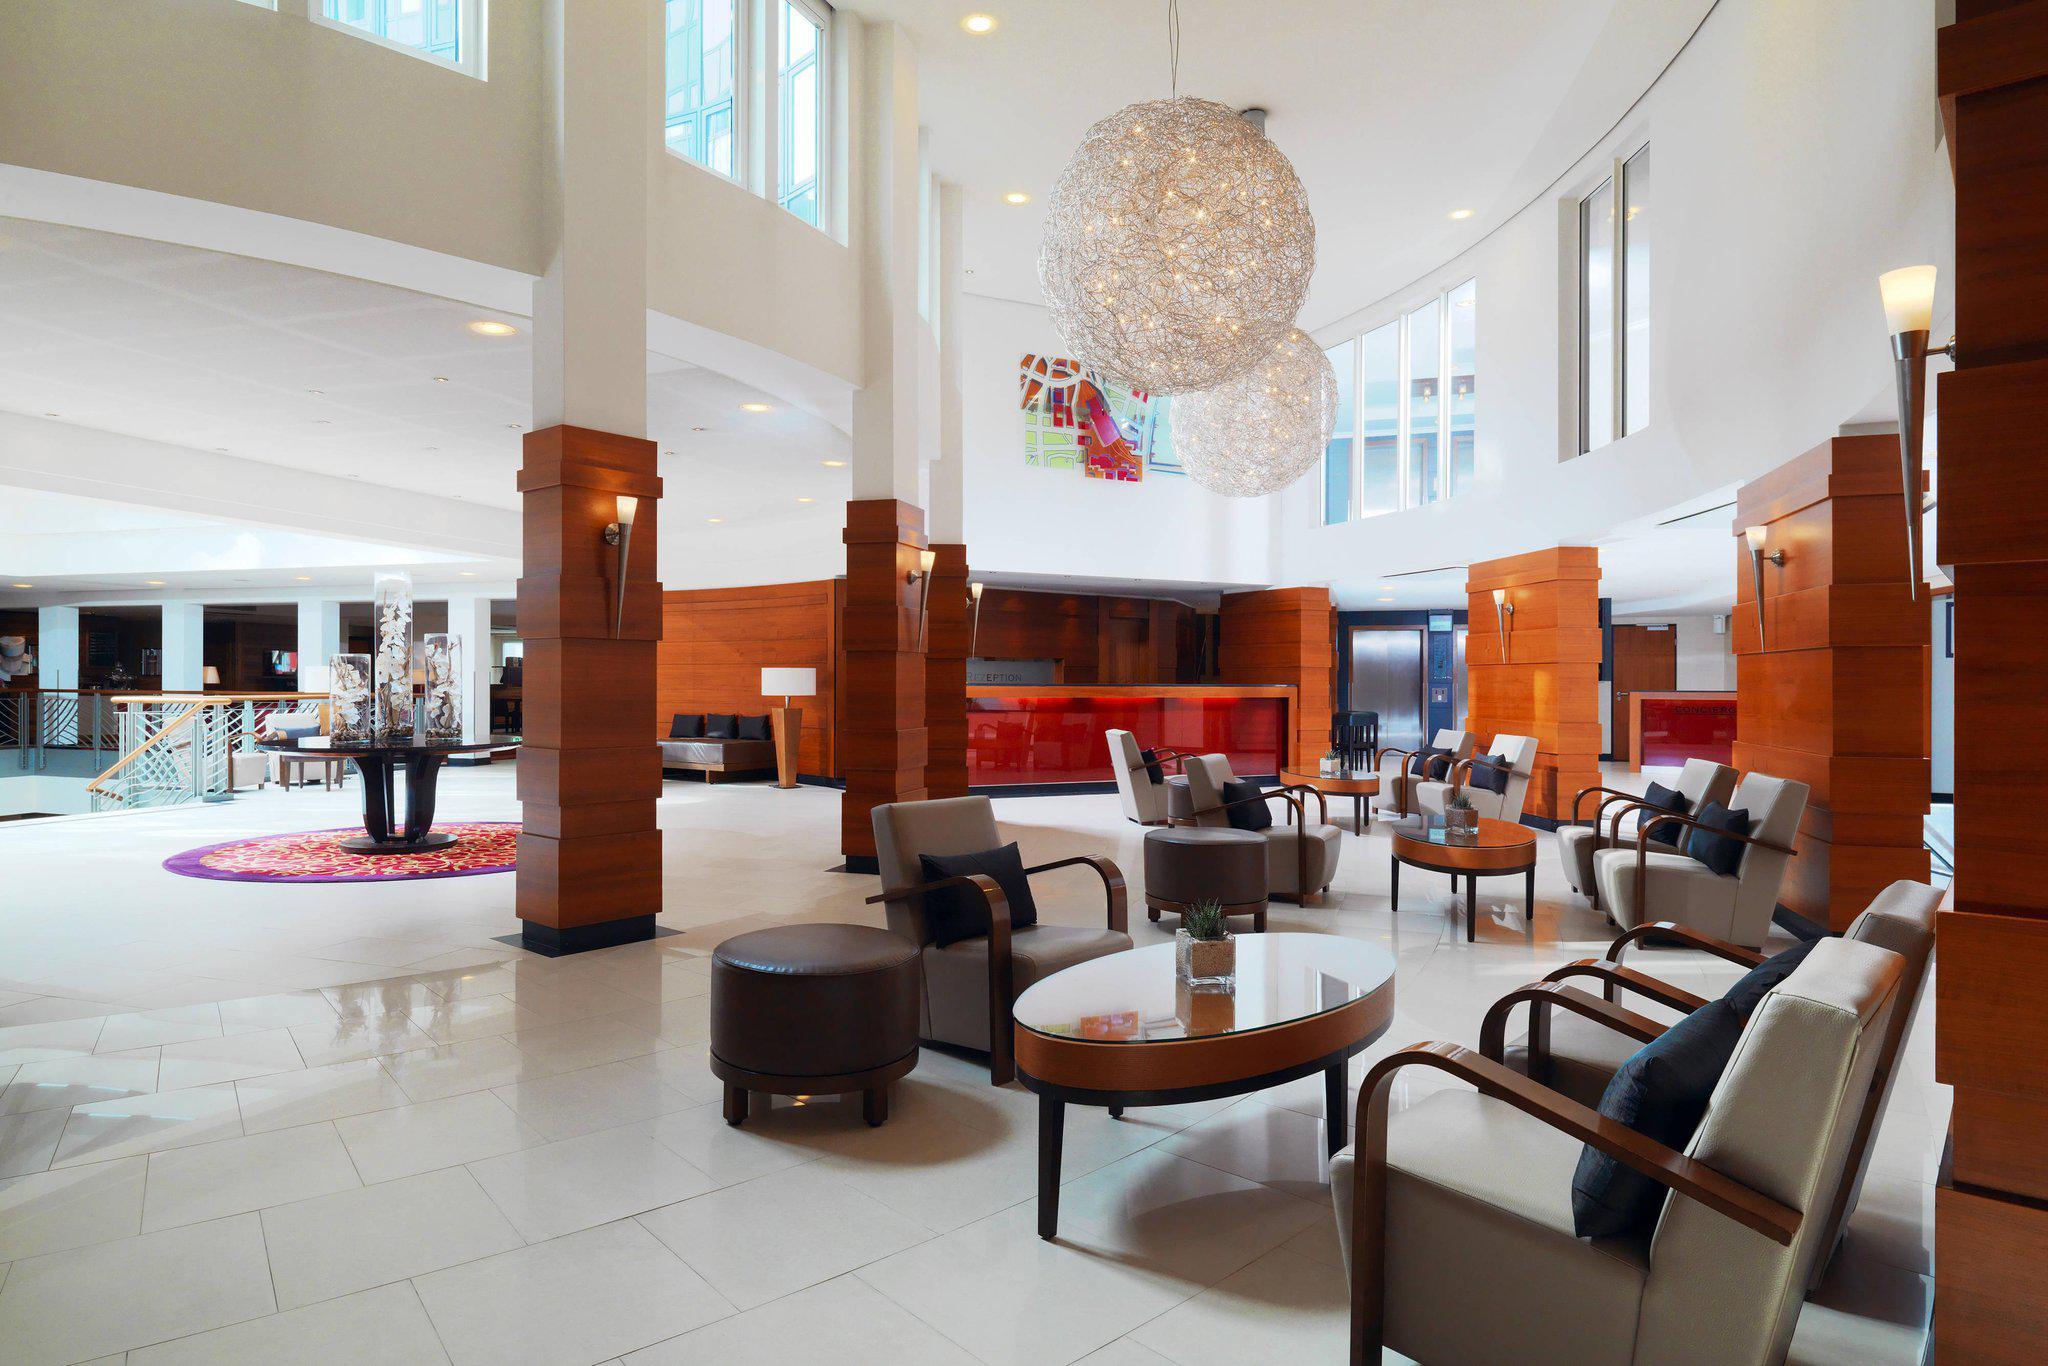 Cologne Marriott Hotel, Johannisstrasse 76-80 in Cologne